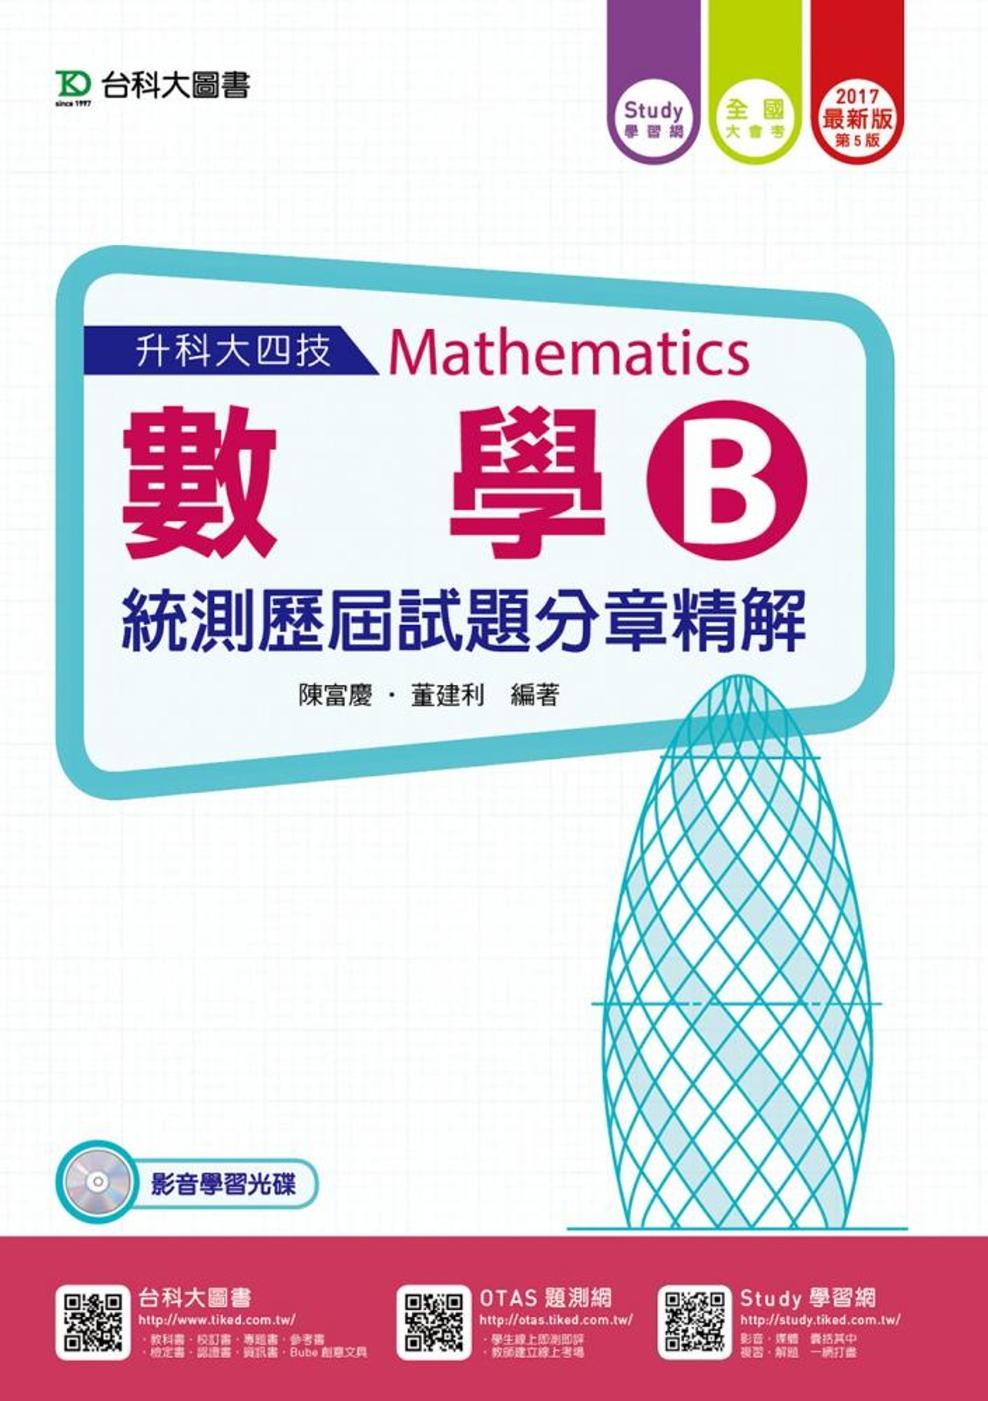 升科大四技數學B統測歷屆試題分章精解 - 附贈Study學習網(含DVD) -2017年最新版(第五版)